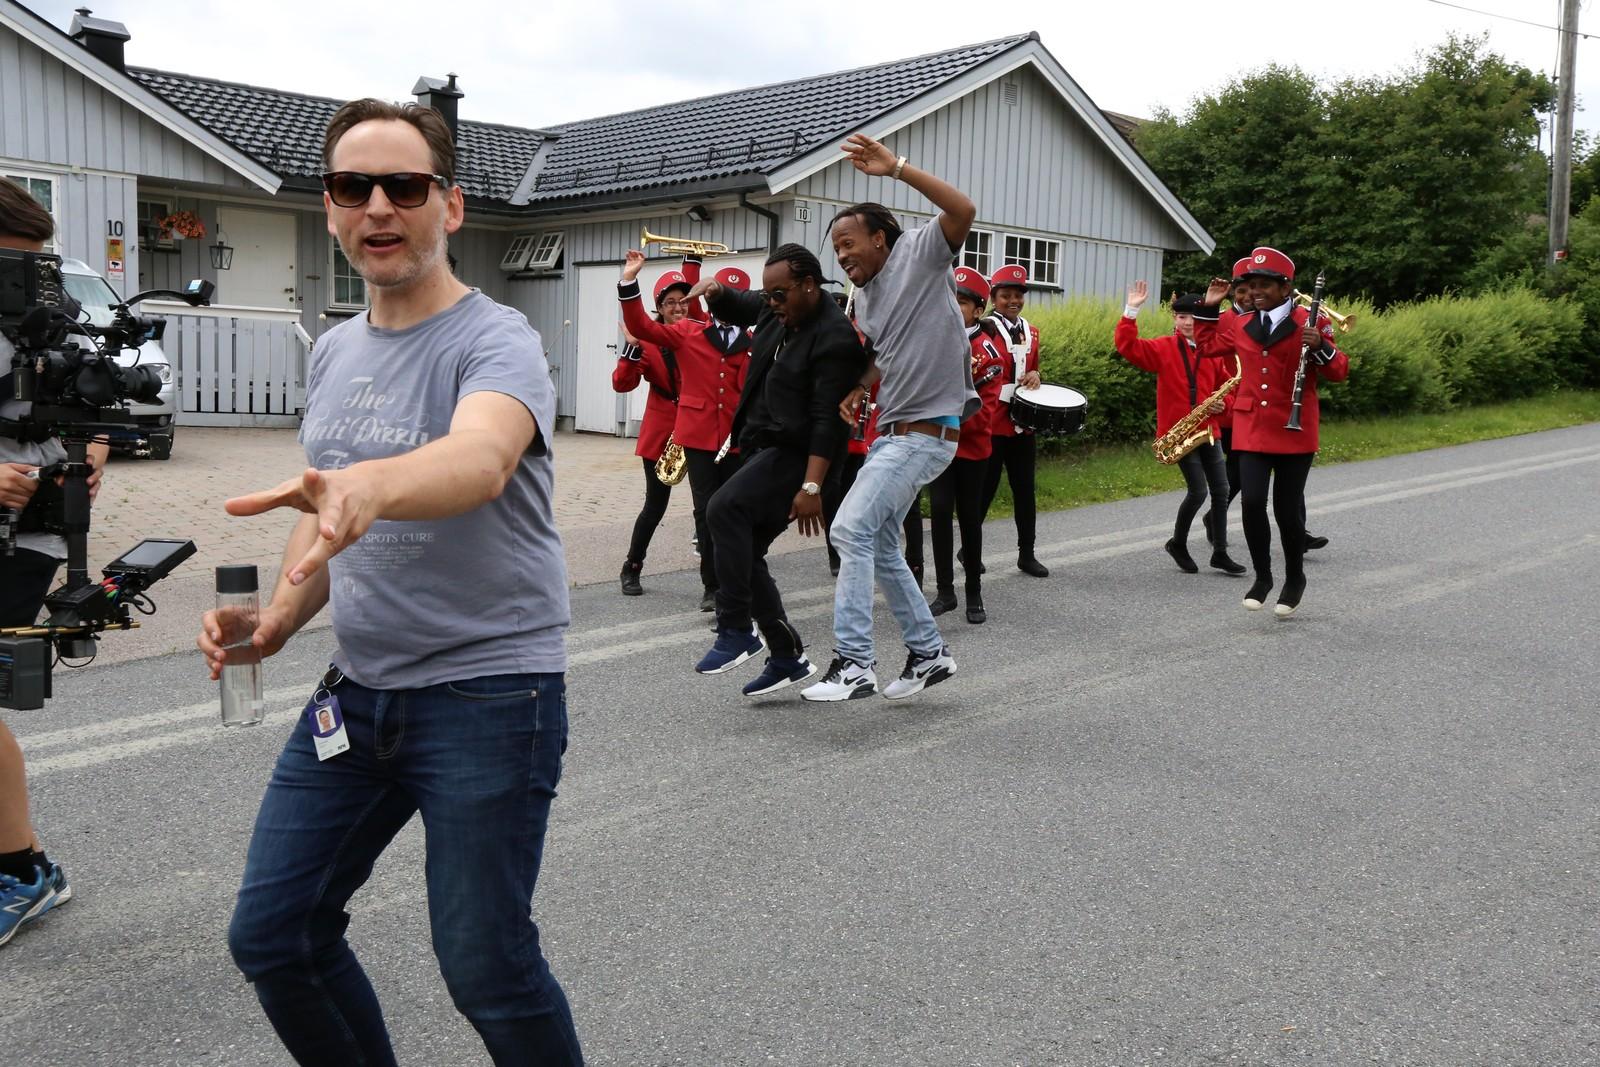 KONTROLL: Regissør Torgrim Grimstad (t.v.) holder styr på artister, statister og journalister under musikkvideoinnspillinga.